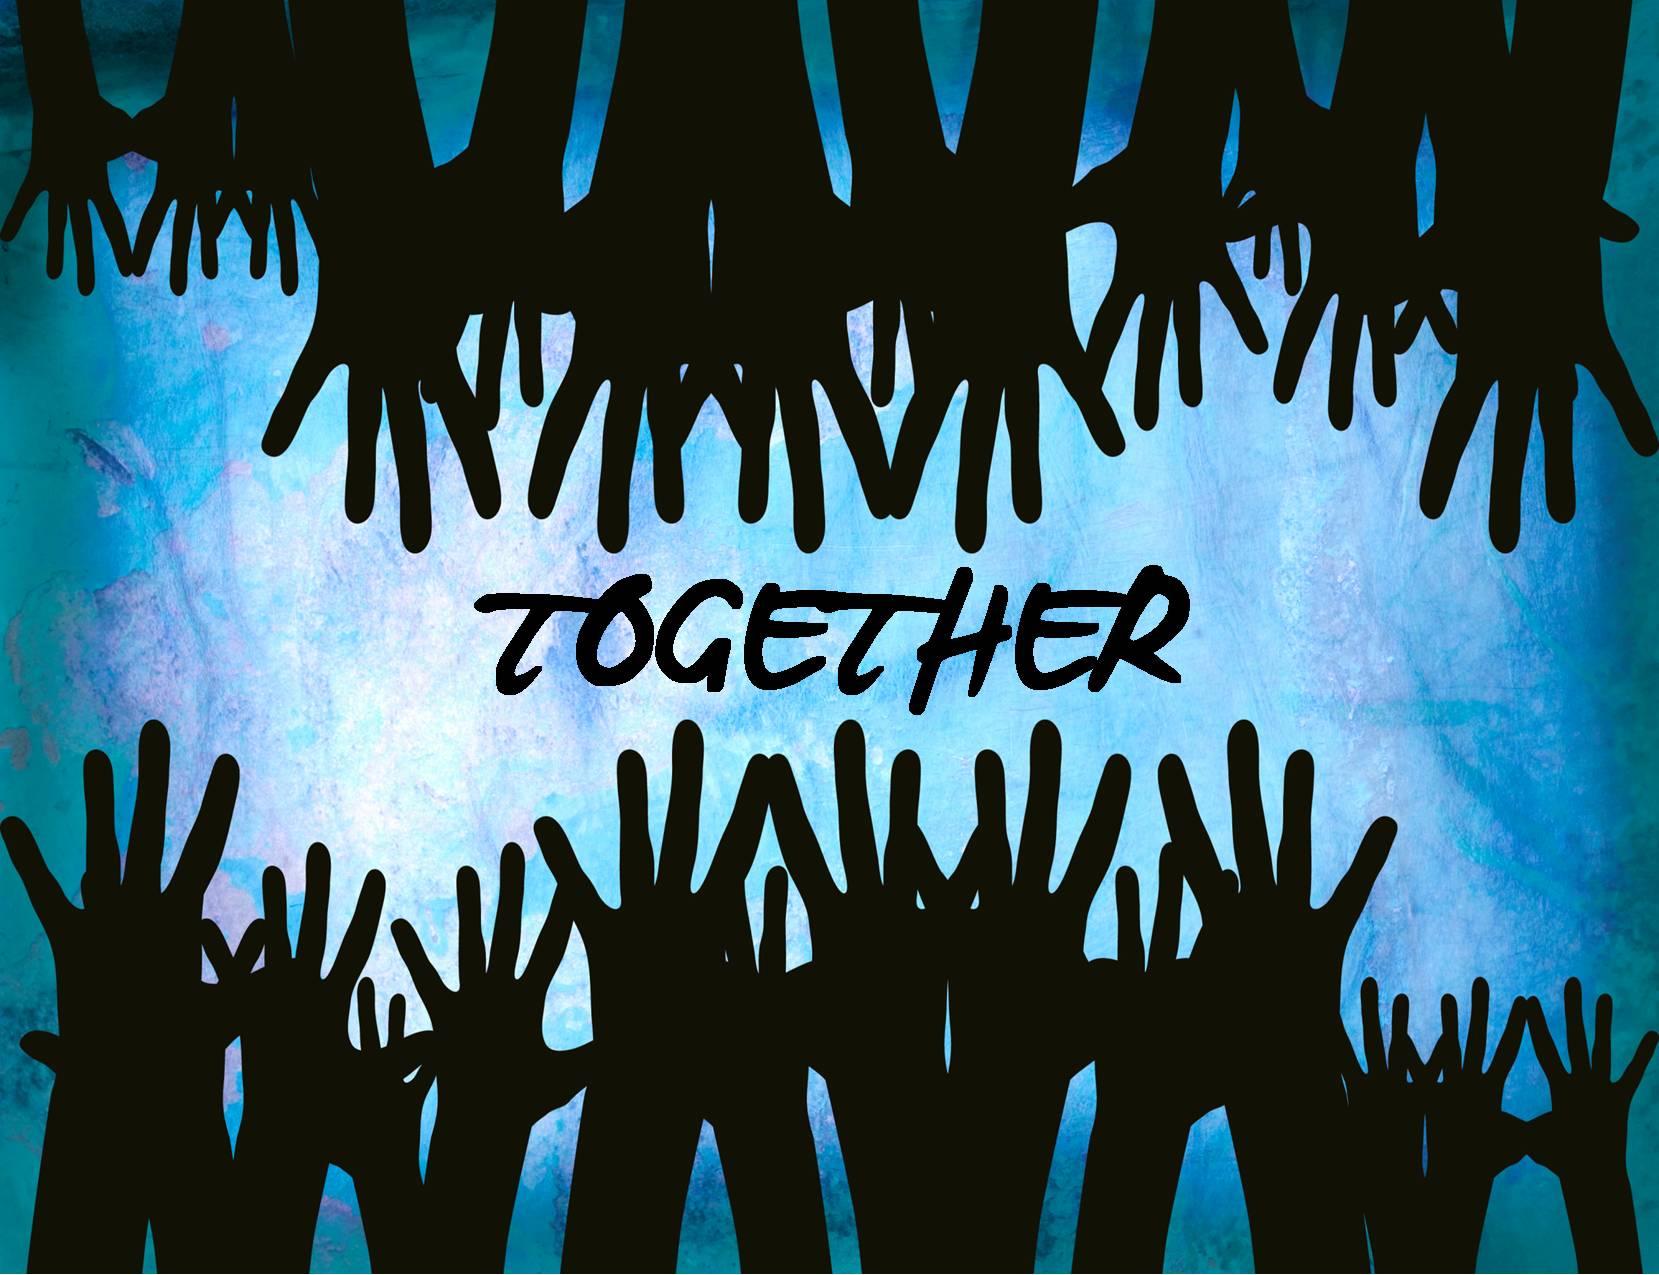 together21